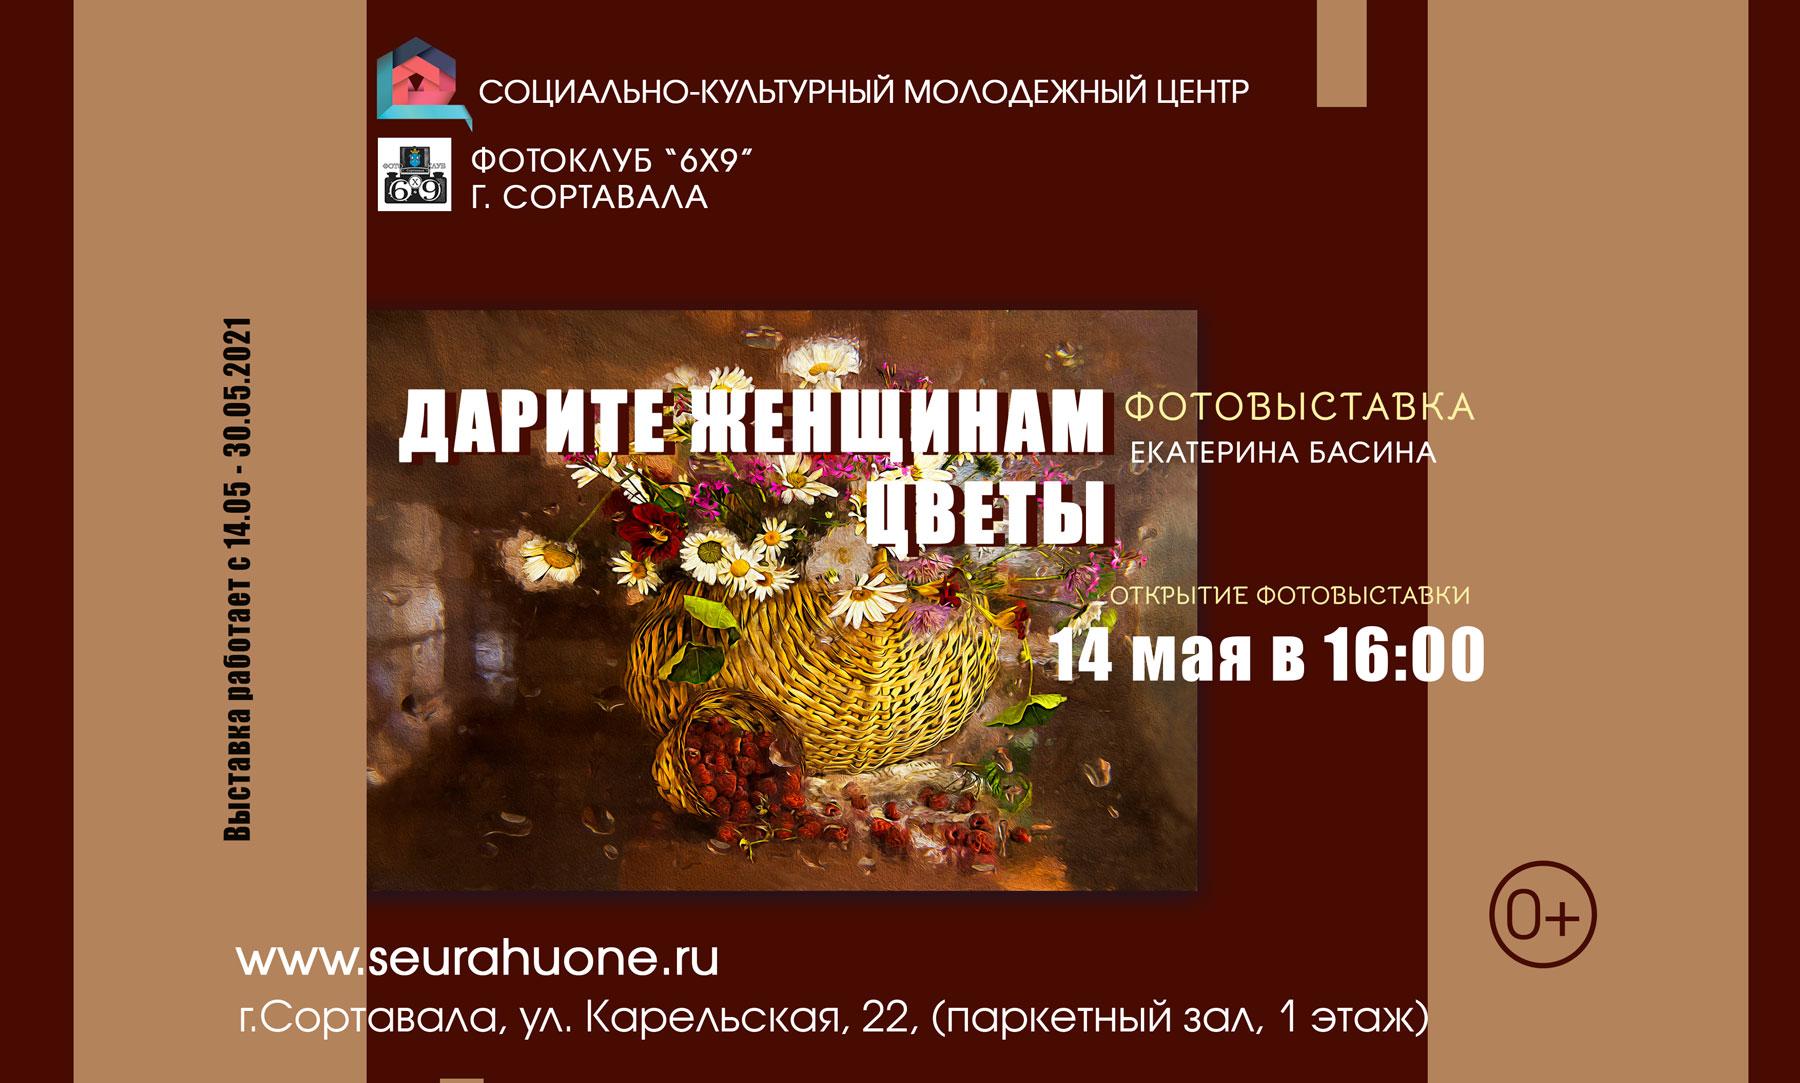 <p>14 мая в 16:00 в паркетном зале (1 этаж) Социально-культурного молодежного центра состоится выставка фотографа Екатерины Басиной (фотоклуб «6х9» г. Сортавала) под названием «Дарите женщинам цветы». Выставка будет работать с 14 по 30 мая.Вход свободный.</p>